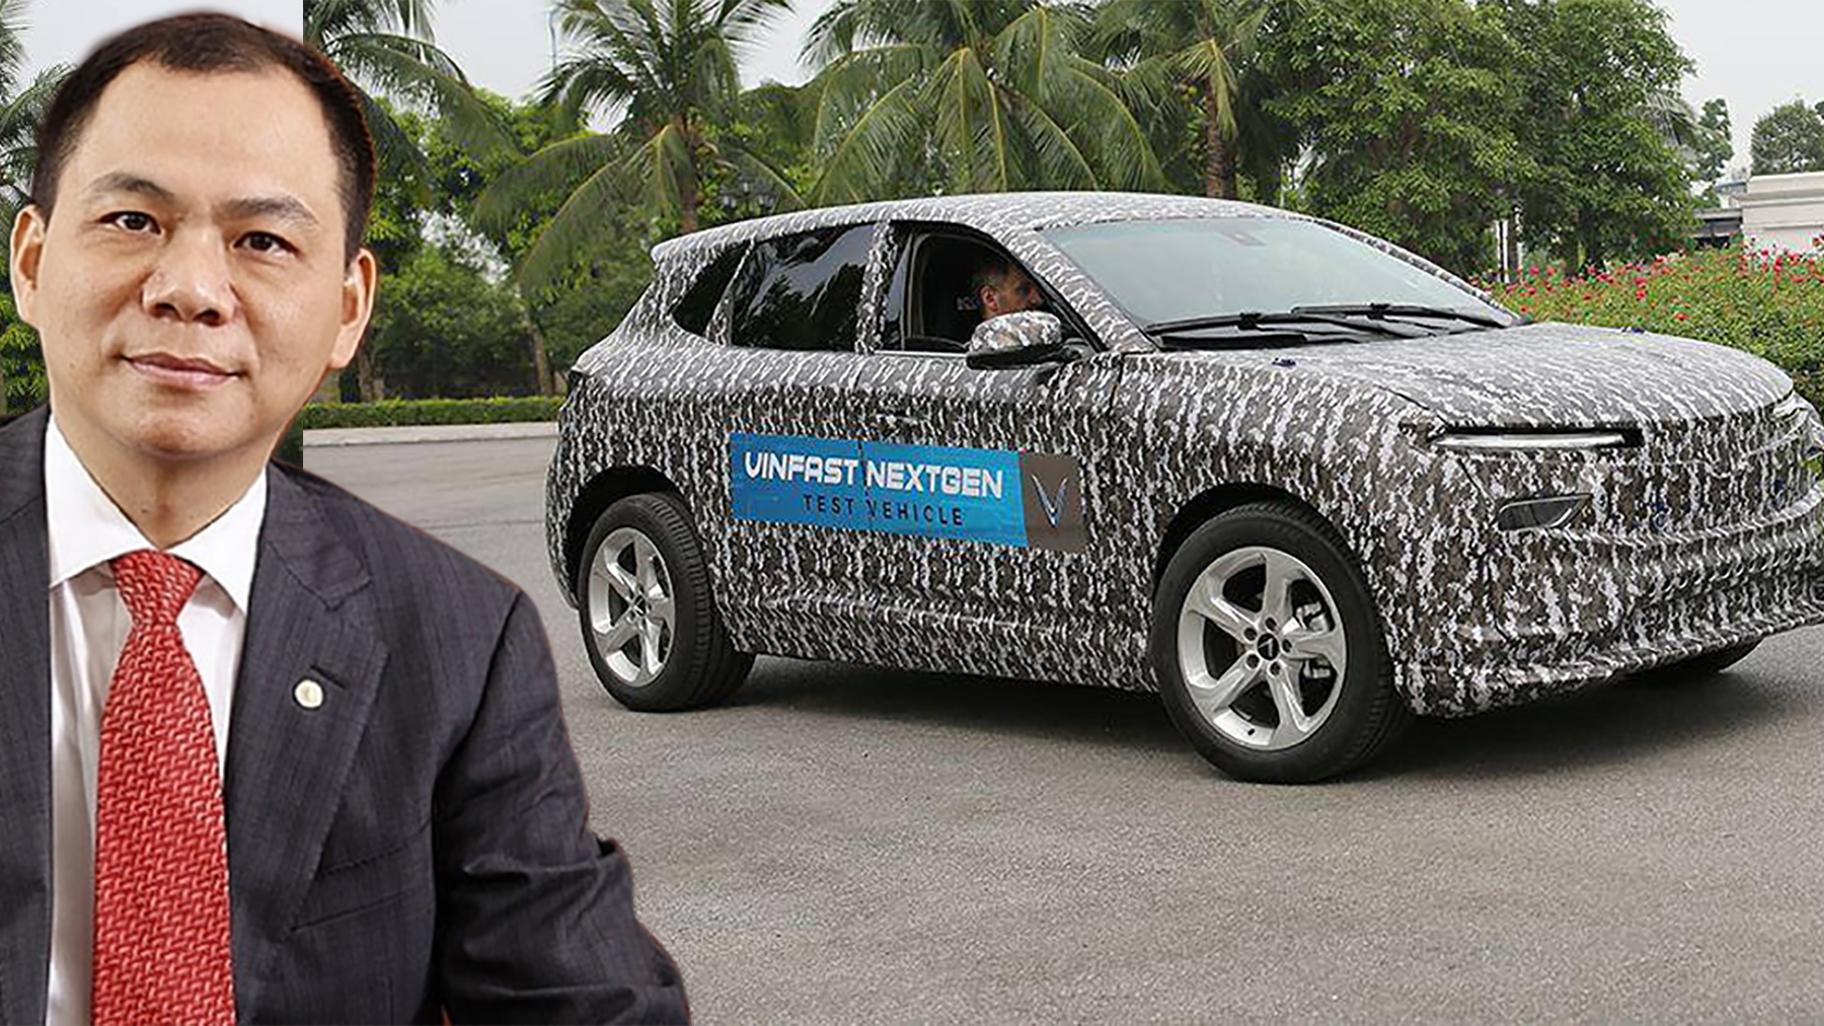 SỐC: Tỷ phú Phạm Nhật Vượng sắp bán ô tô điện VinFast tại Mỹ